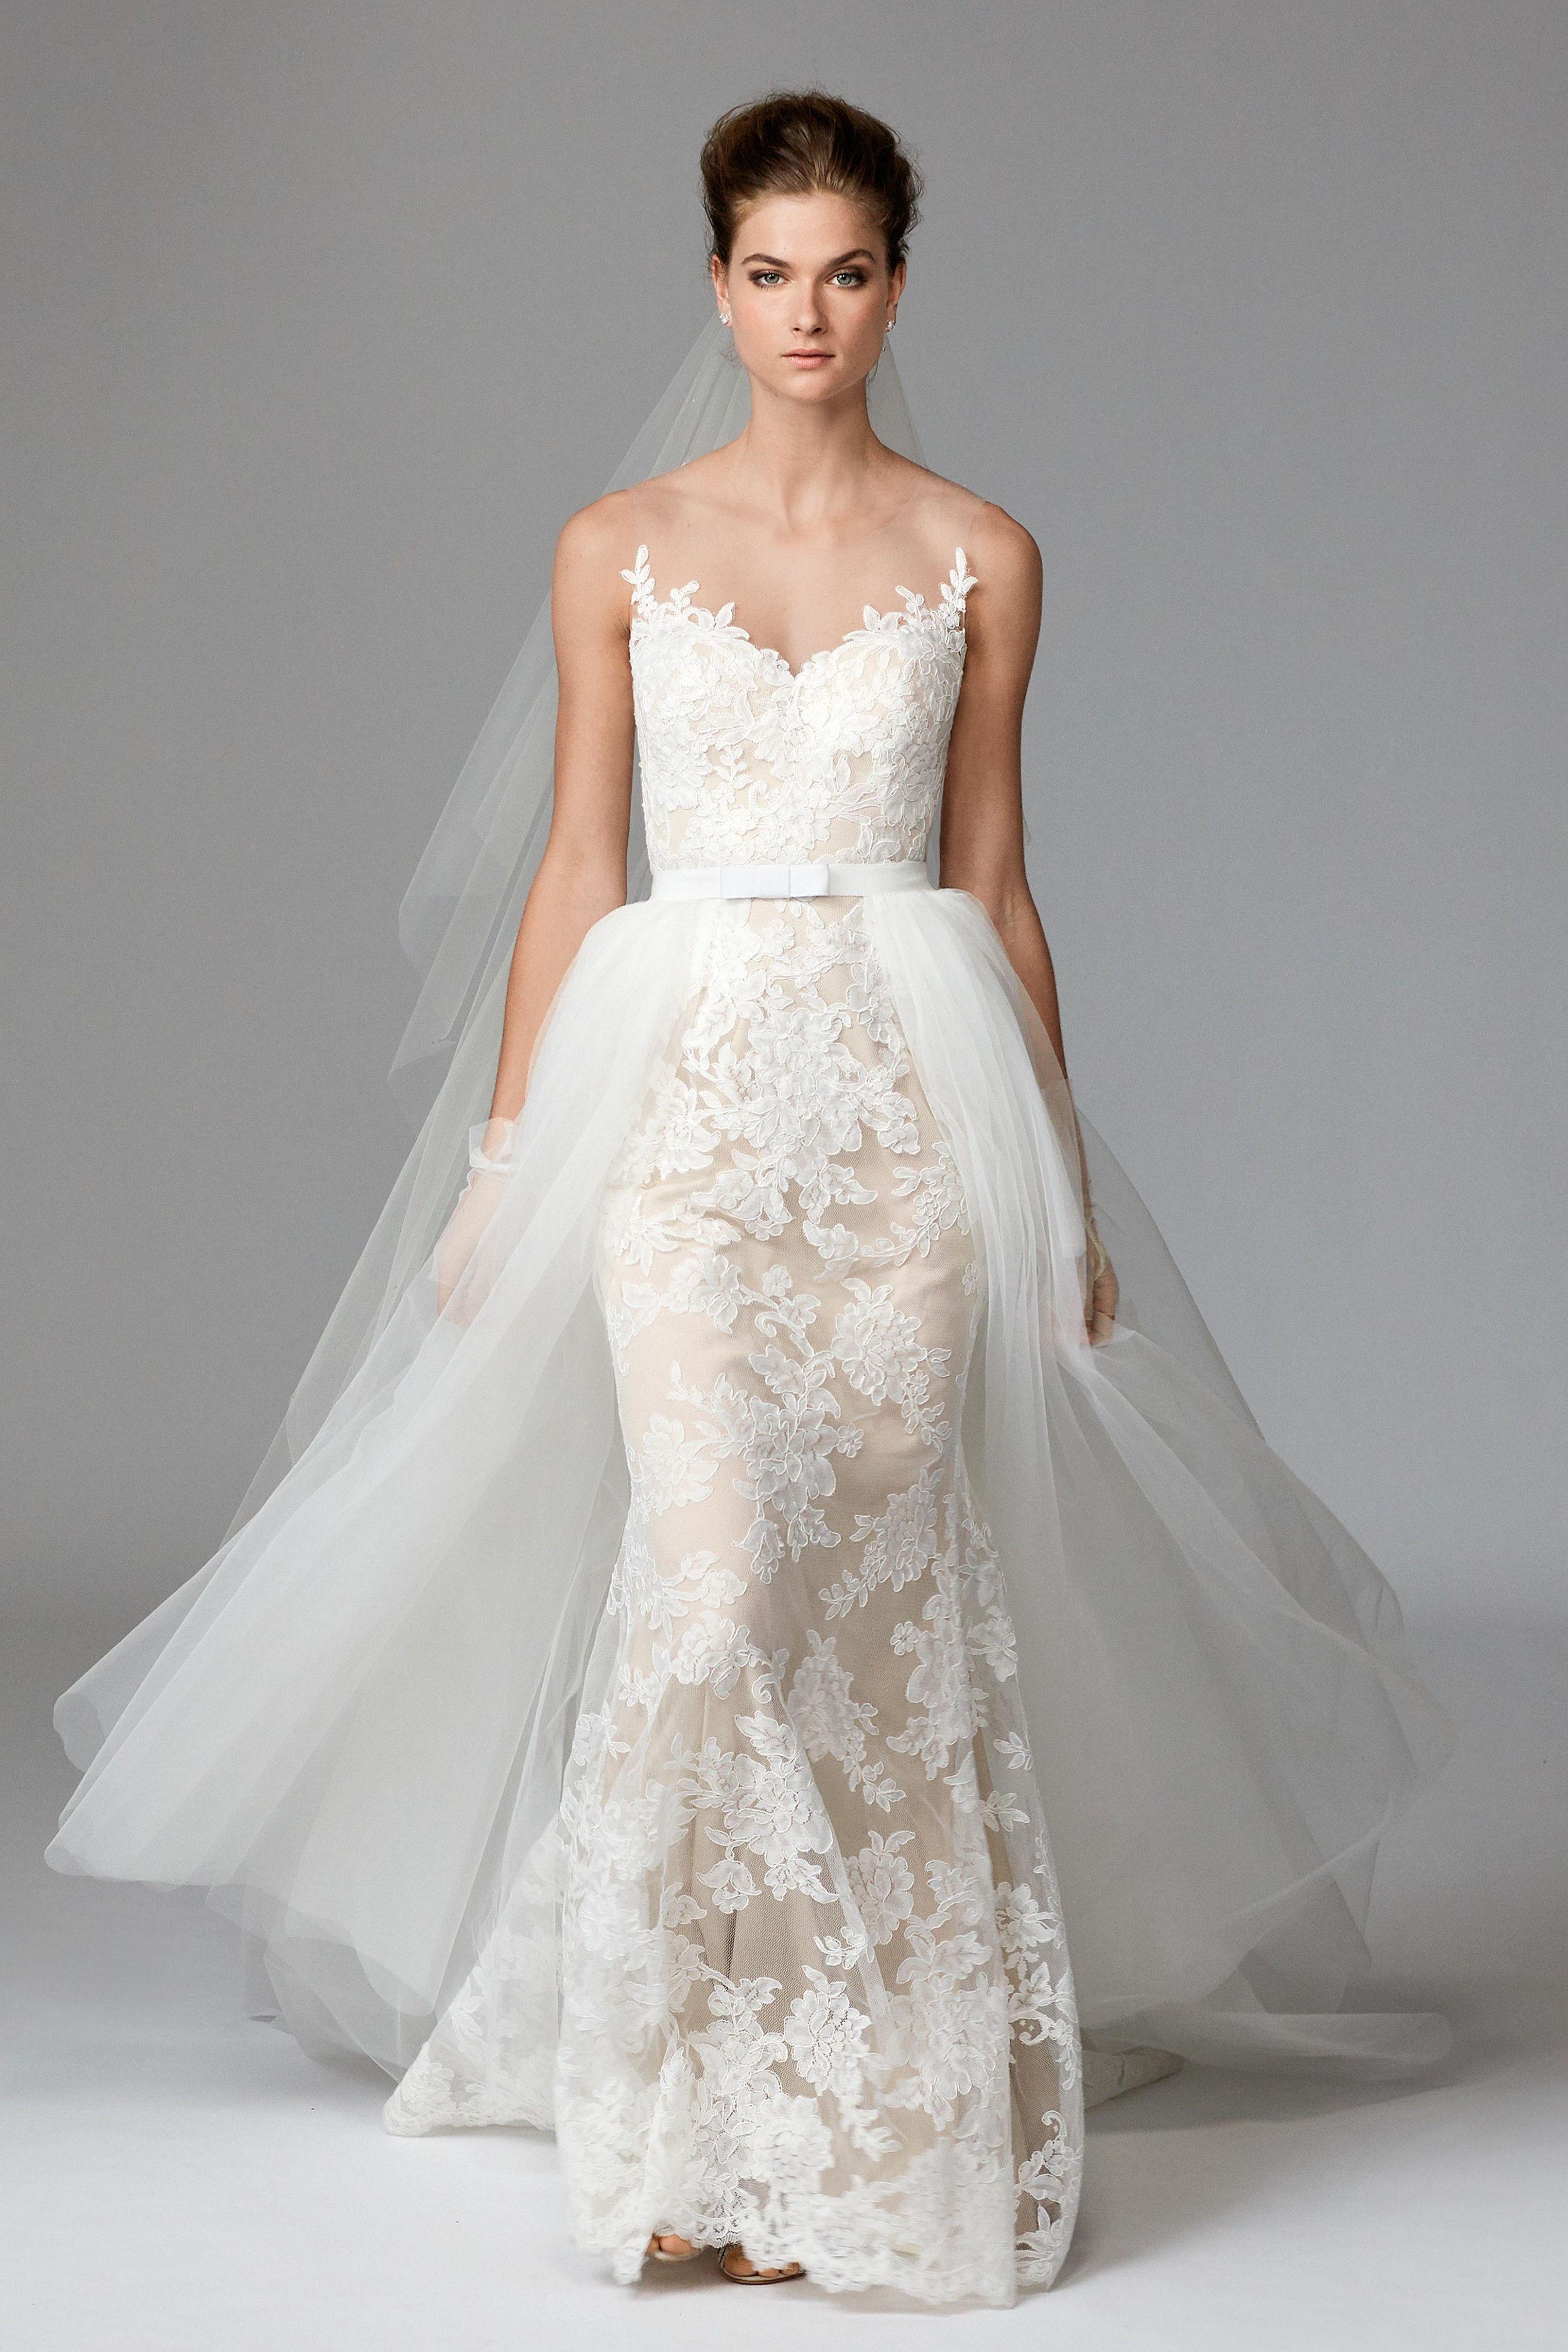 Summer wedding dress ideas pinterest dress ideas summer